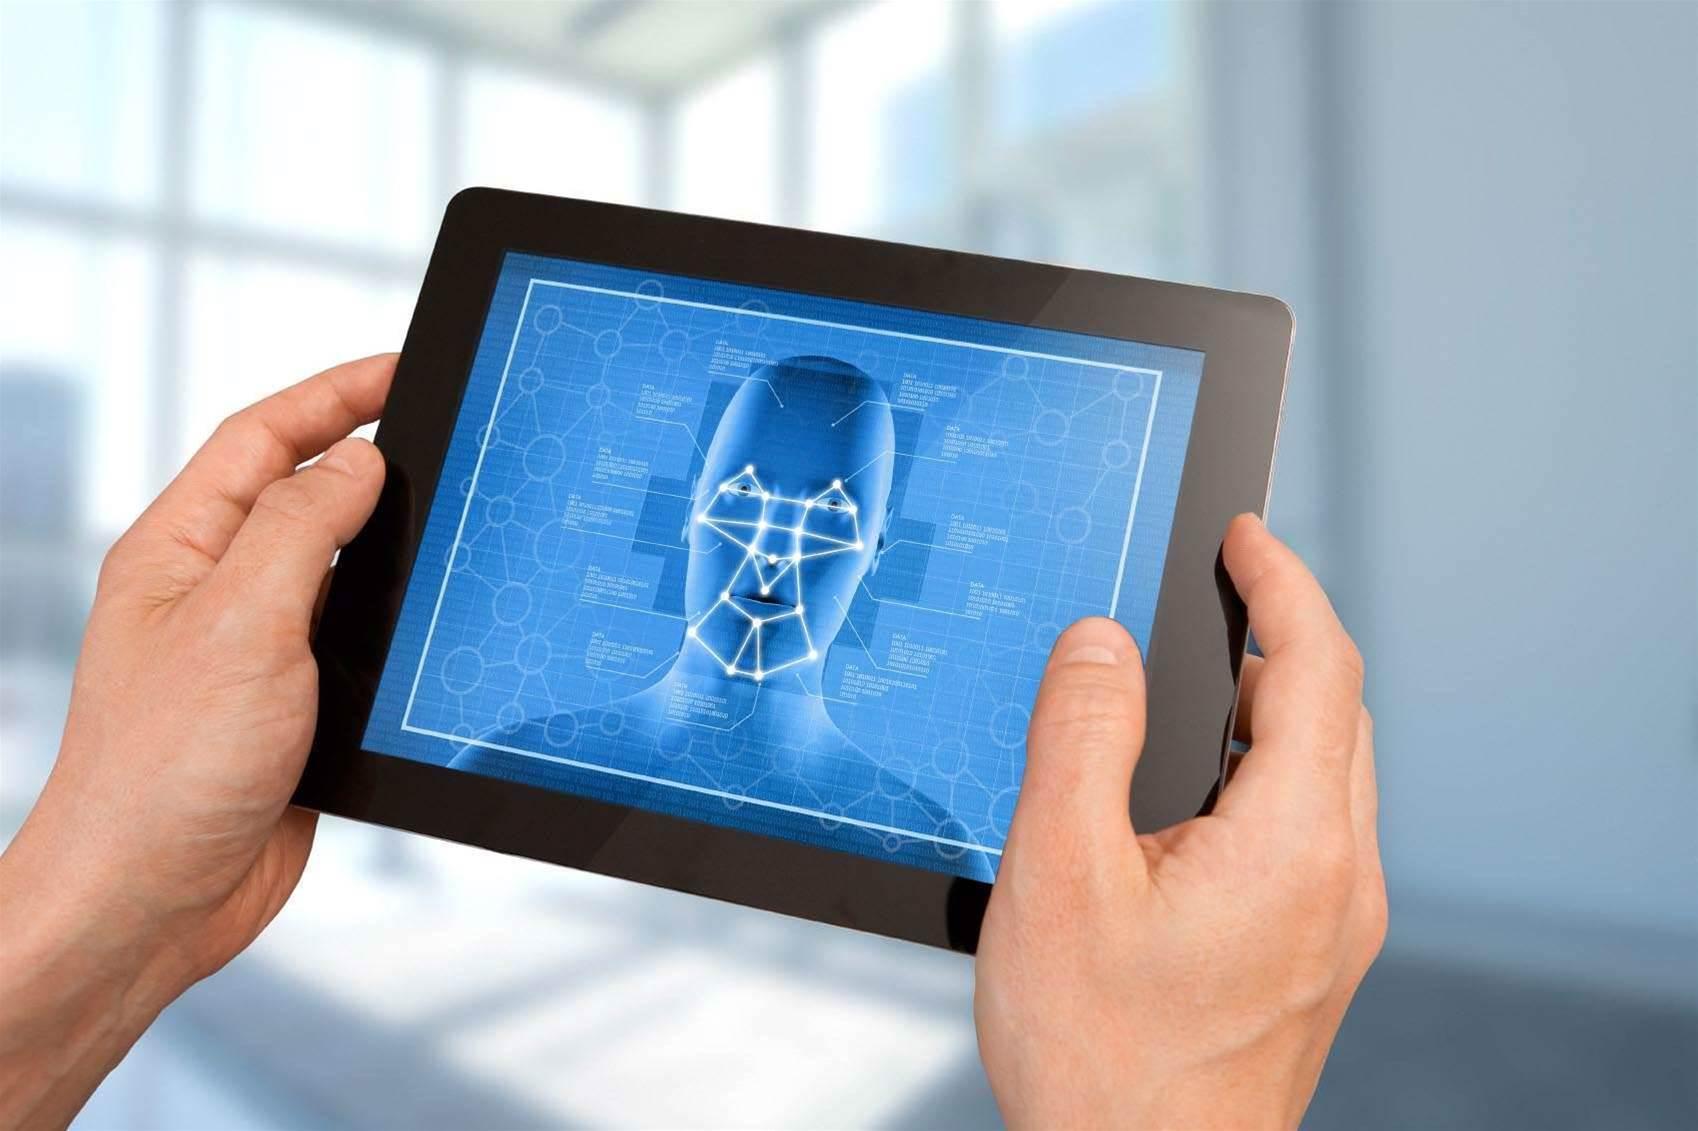 NEC snags CrimTrac biometrics ID deal